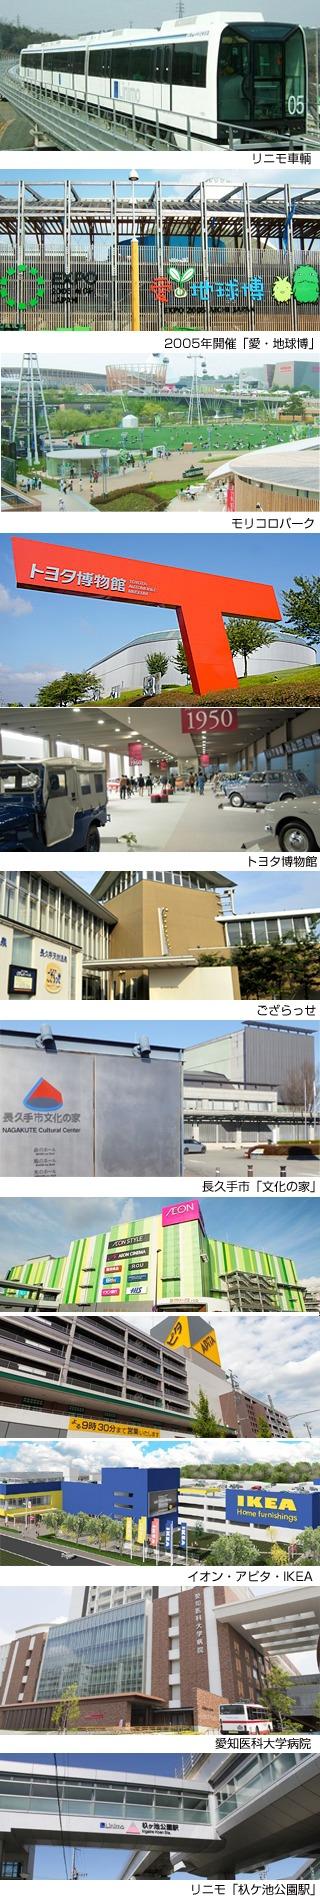 愛知県長久手市周辺